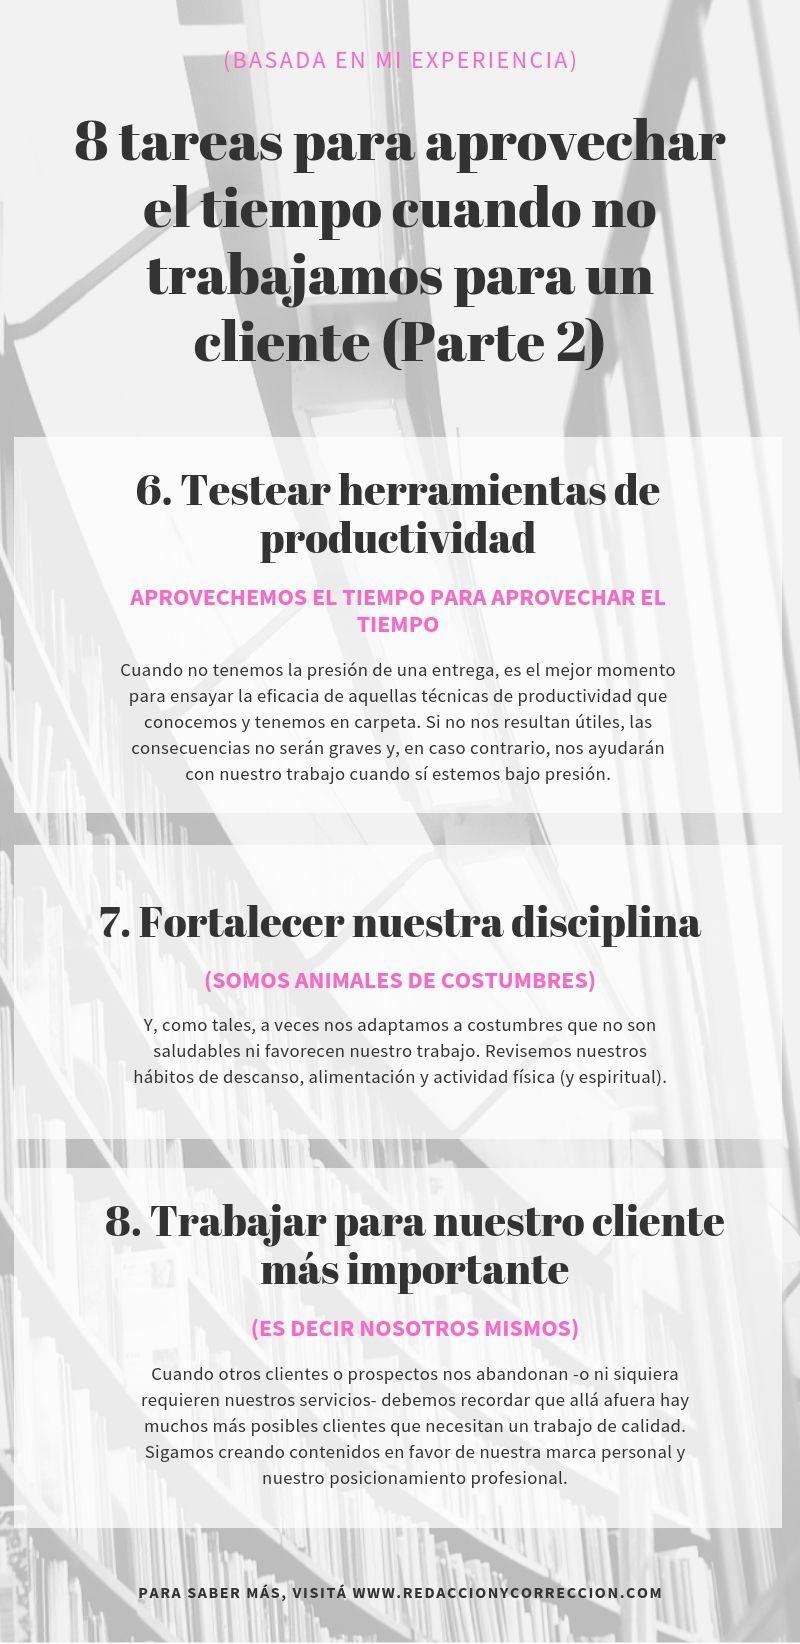 8 tareas para aprovechar el tiempo cuando no estamos trabajando para un cliente (Parte 2)